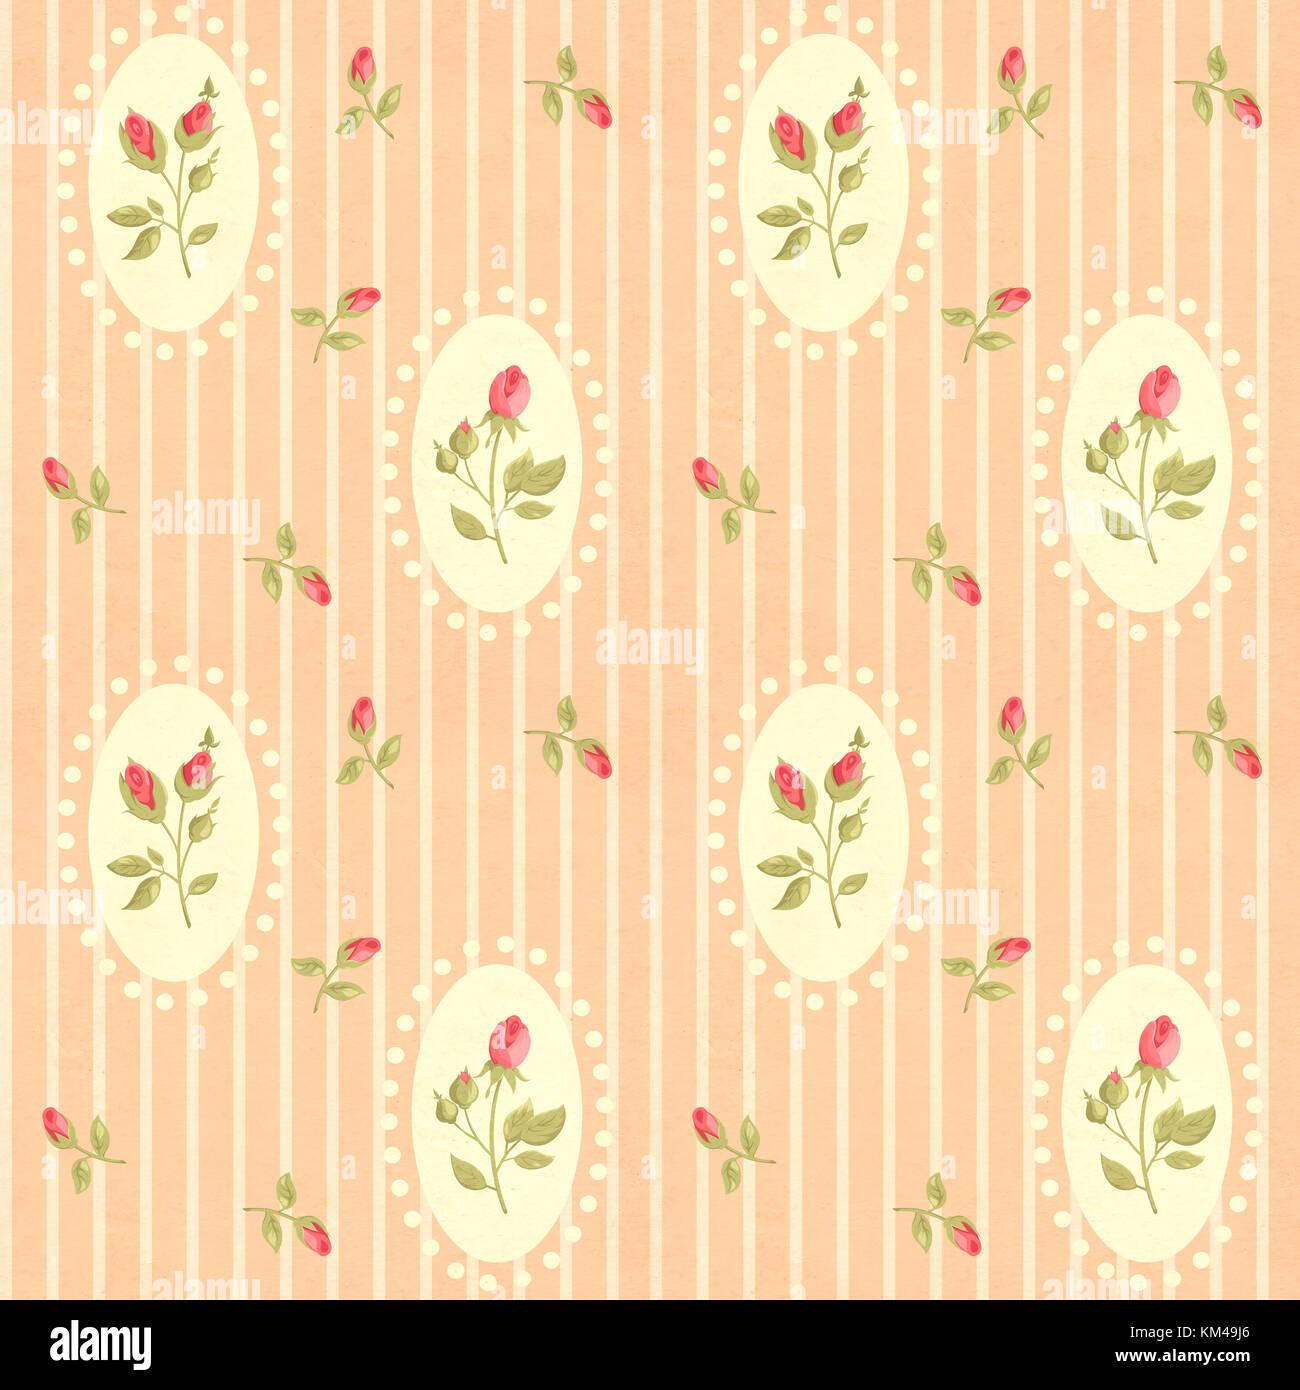 Nahtlose Retro Muster Fliesen Mit Rose Blume Im Shabby Chic Stil